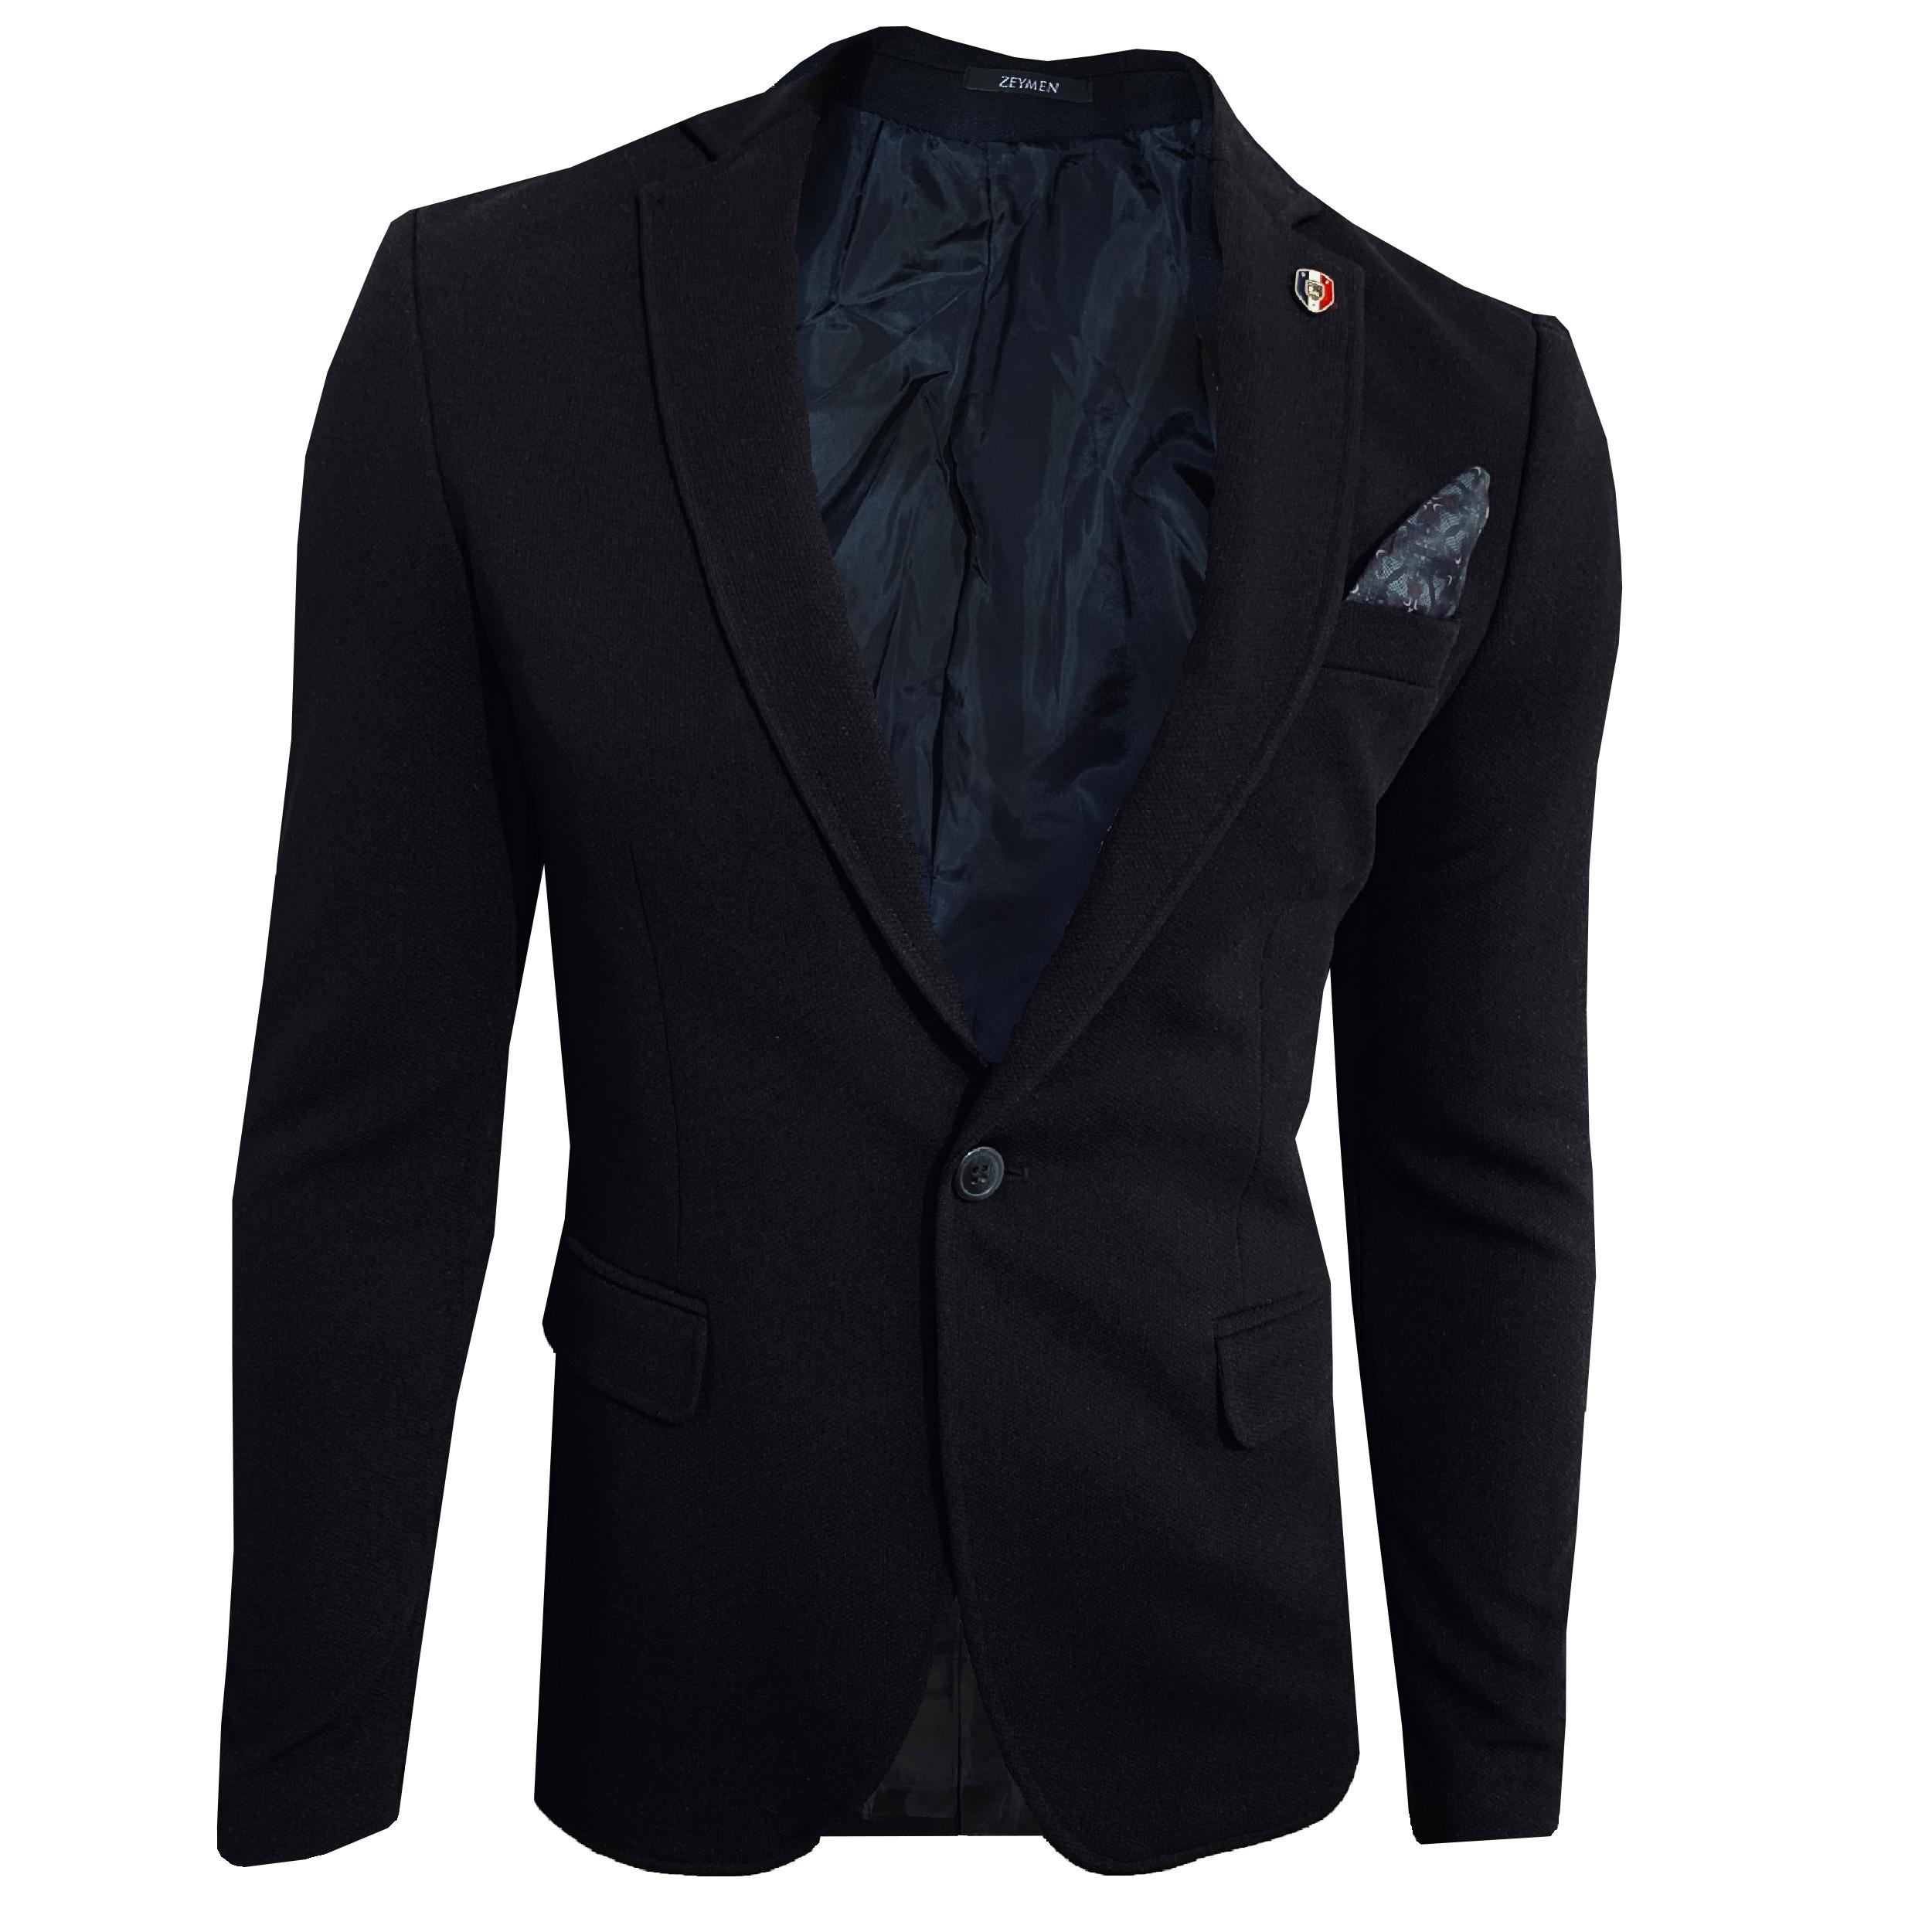 کت تک مردانه زیمن مدل 007bc